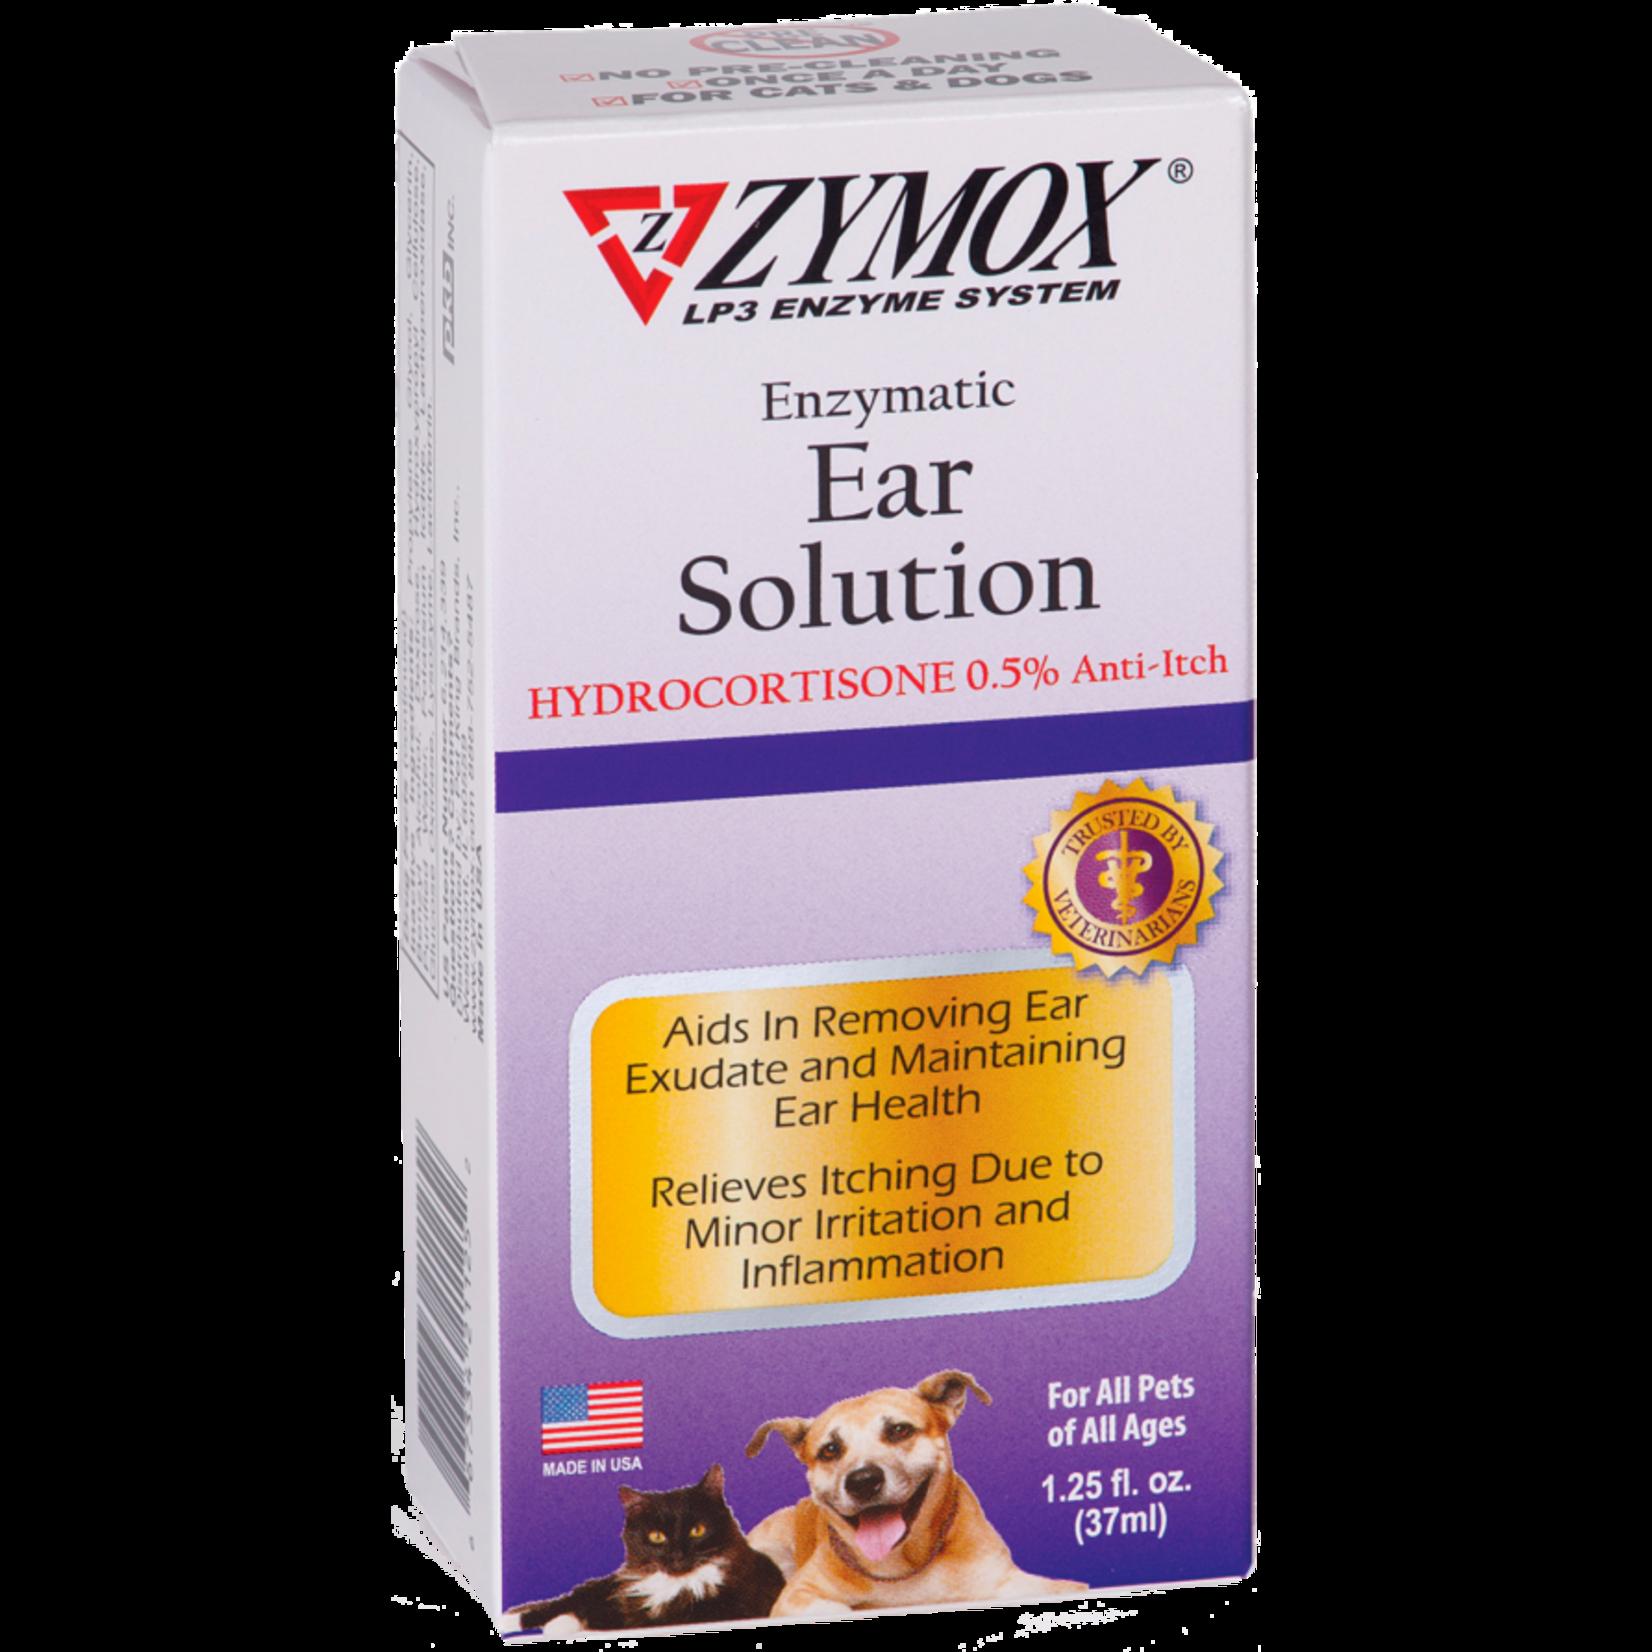 Zymox Zymox Ear Solution With 0.5% Hydrocortisone 1.25oz